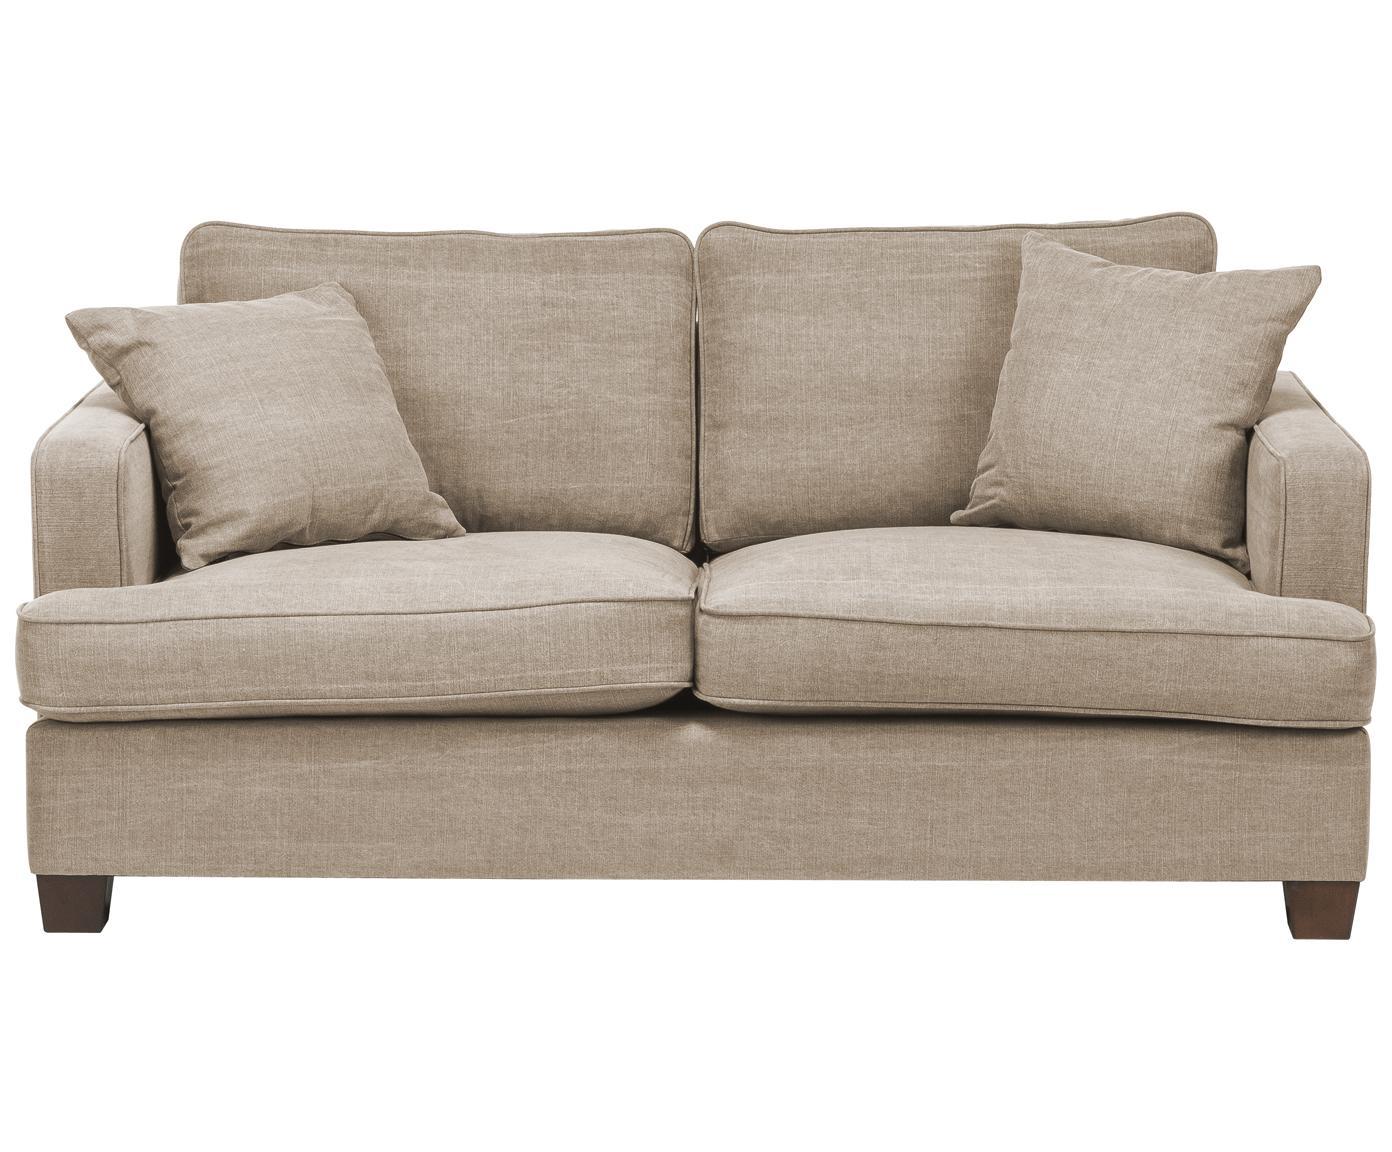 Sofá grandeWarren (2plazas), Estructura: madera, Tapizado: 60% algodón, 40% lino El , Patas: madera negra, Beige, An 178 x Al 85 cm